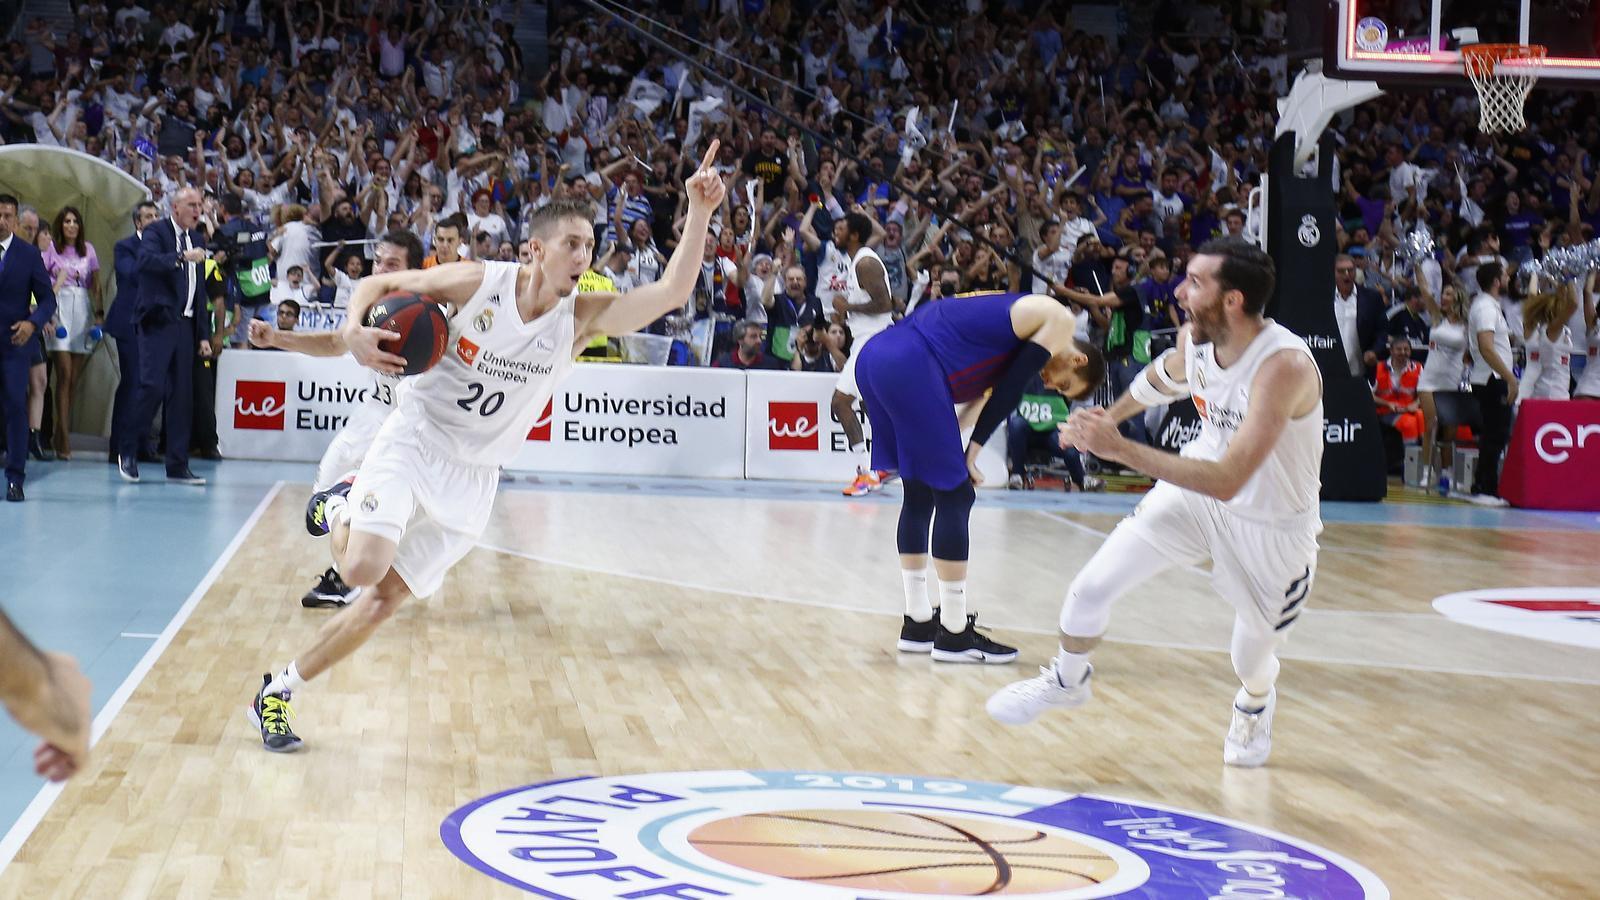 Celebració del Reial Madrid